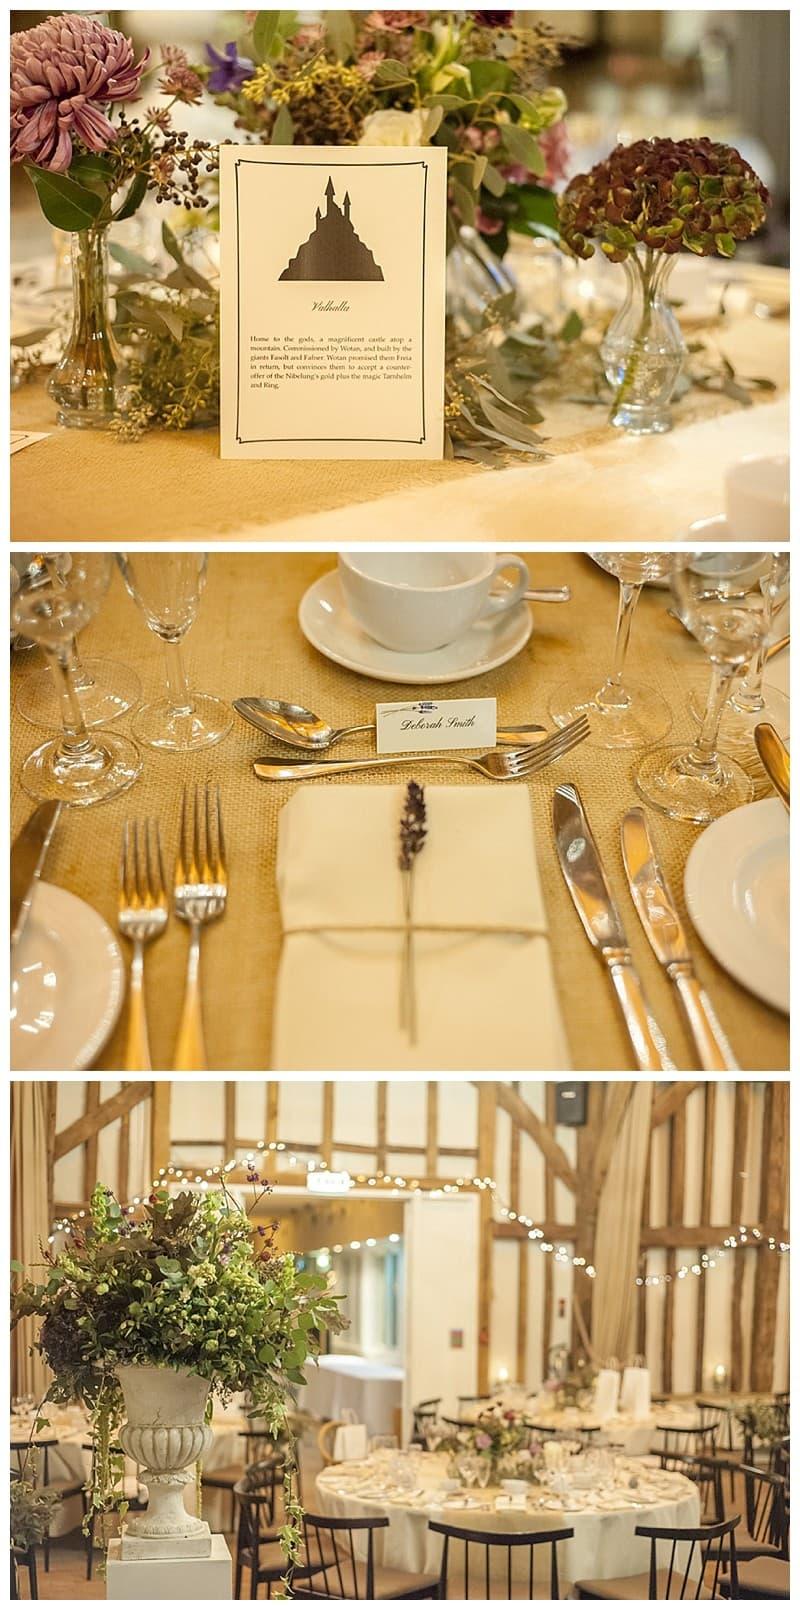 Stuart & Deborah, The Olde Bell, Hurley Wedding, Benjamin Wetherall Photography0074